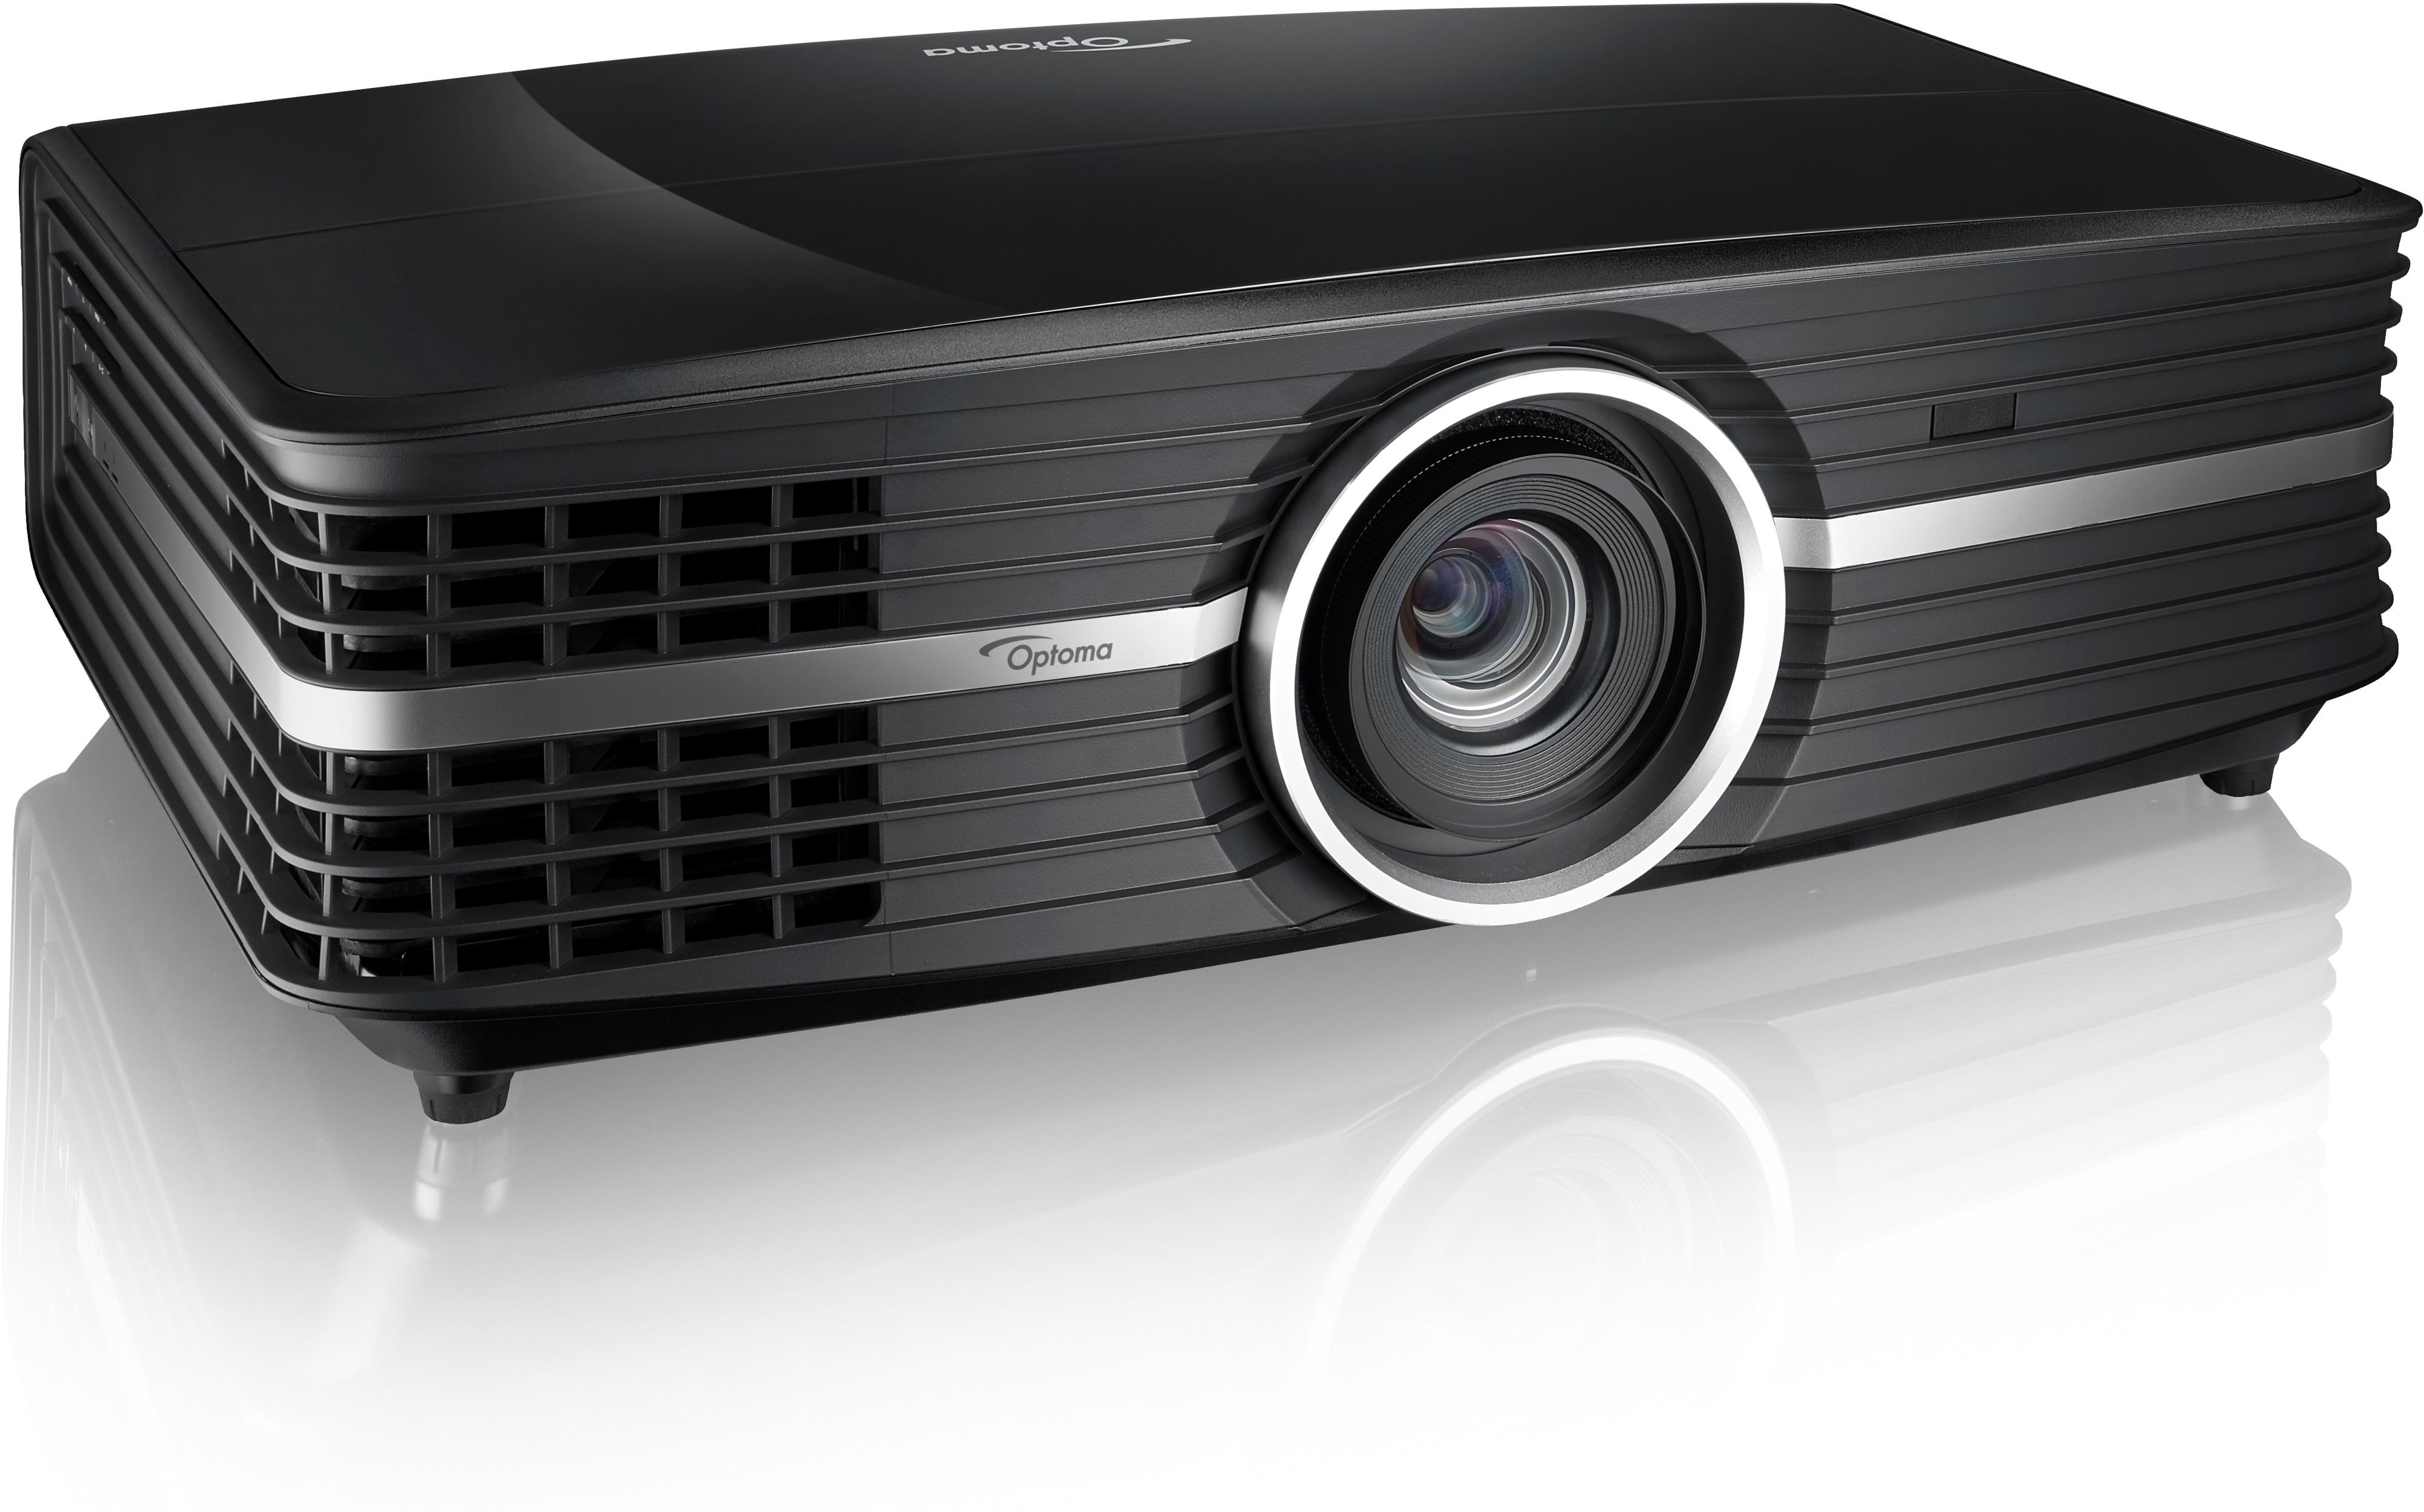 Optoma UHD65 4K UHD DLP -kotiteatteriprojektori – Kotiteatteri – Projektorit – TV ja video – Verkkokauppa.com